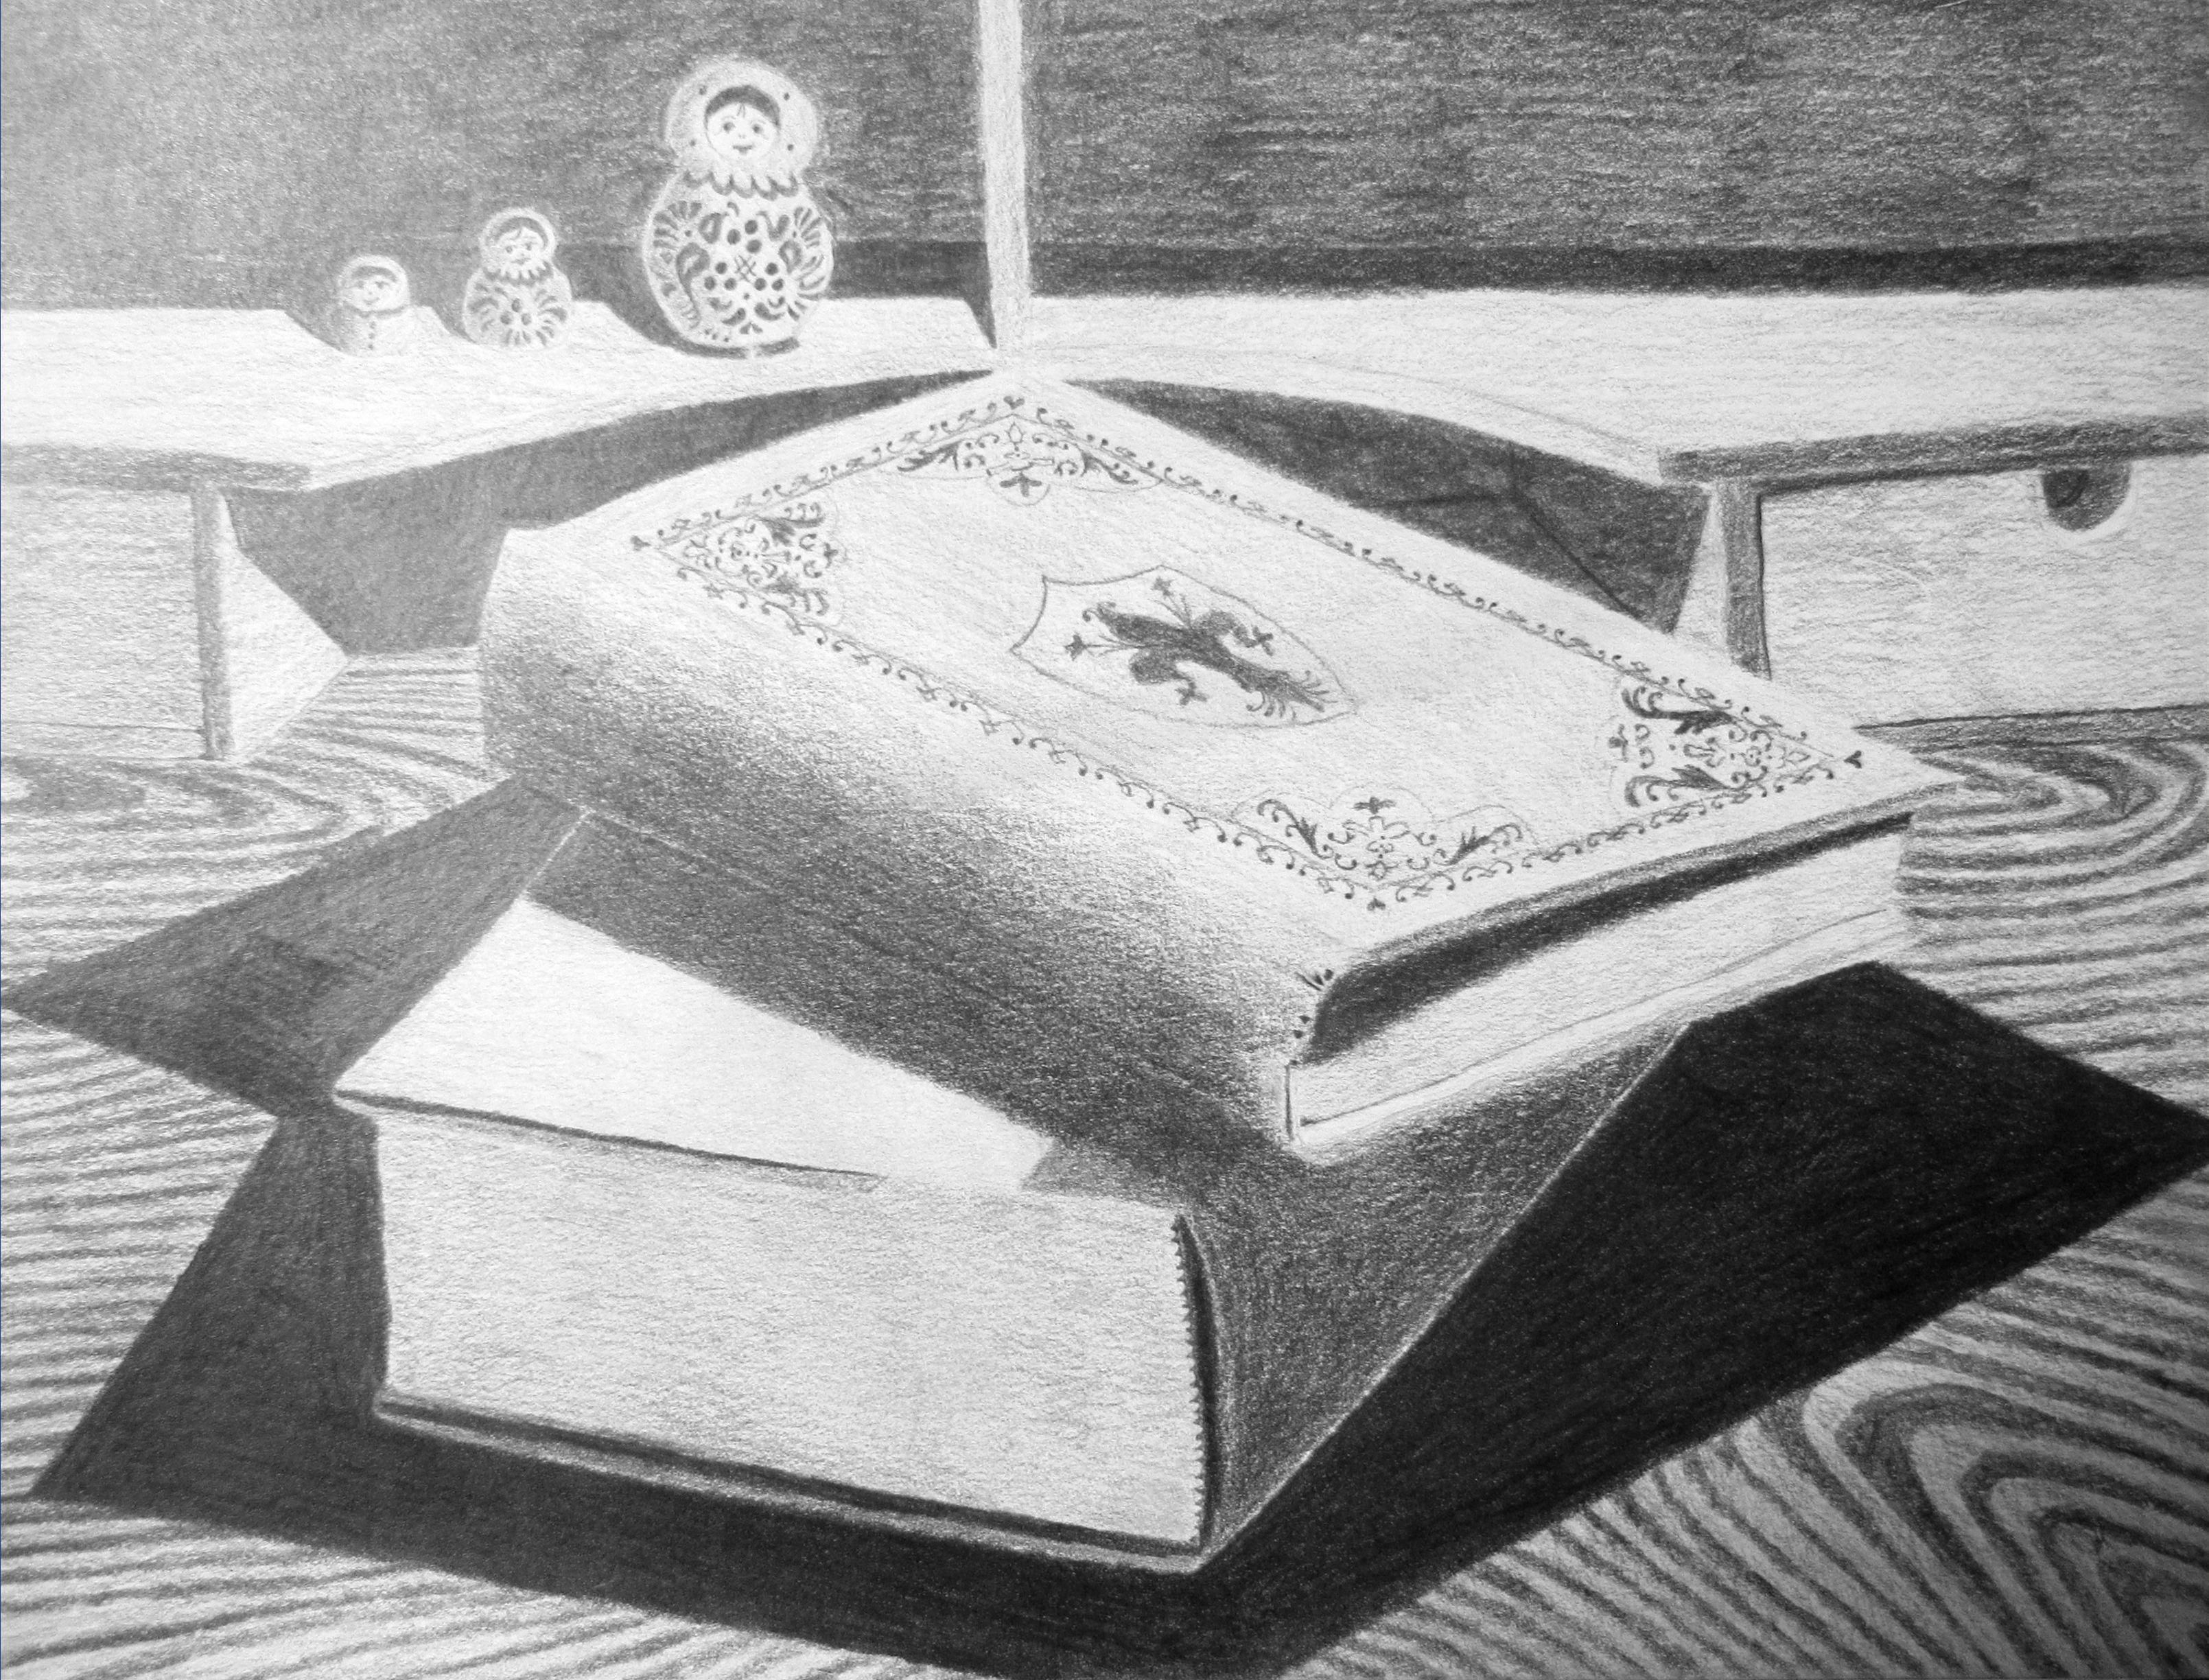 Stack of Books | Pencil drawings, Album art design